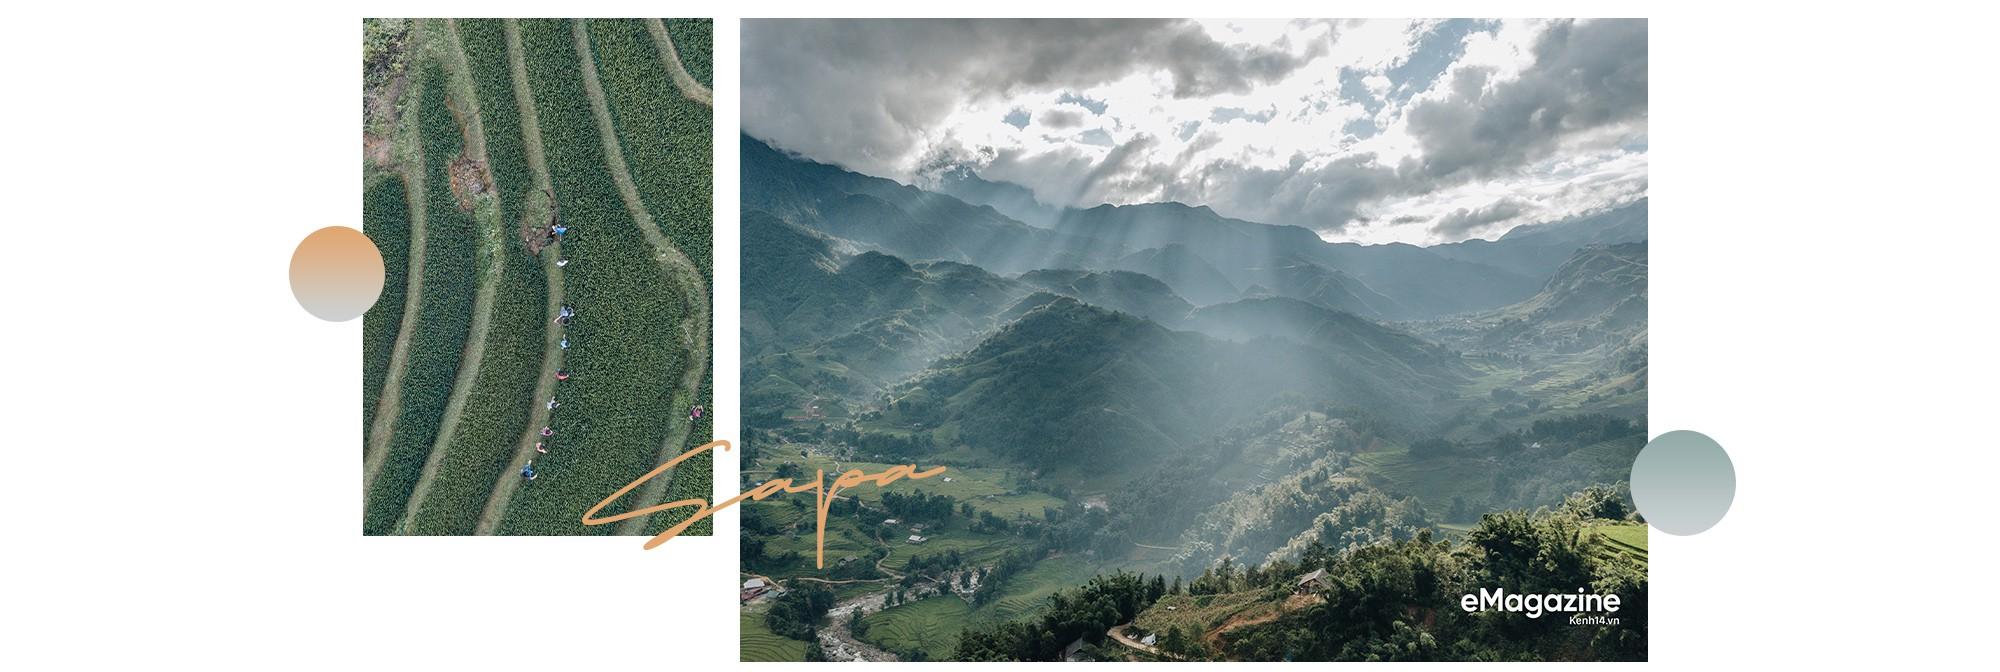 Những góc Sa Pa tuyệt đẹp mà nơi nào bạn cũng nên trải nghiệm, dù là lần đầu hay đã đến nhiều lần - Ảnh 25.